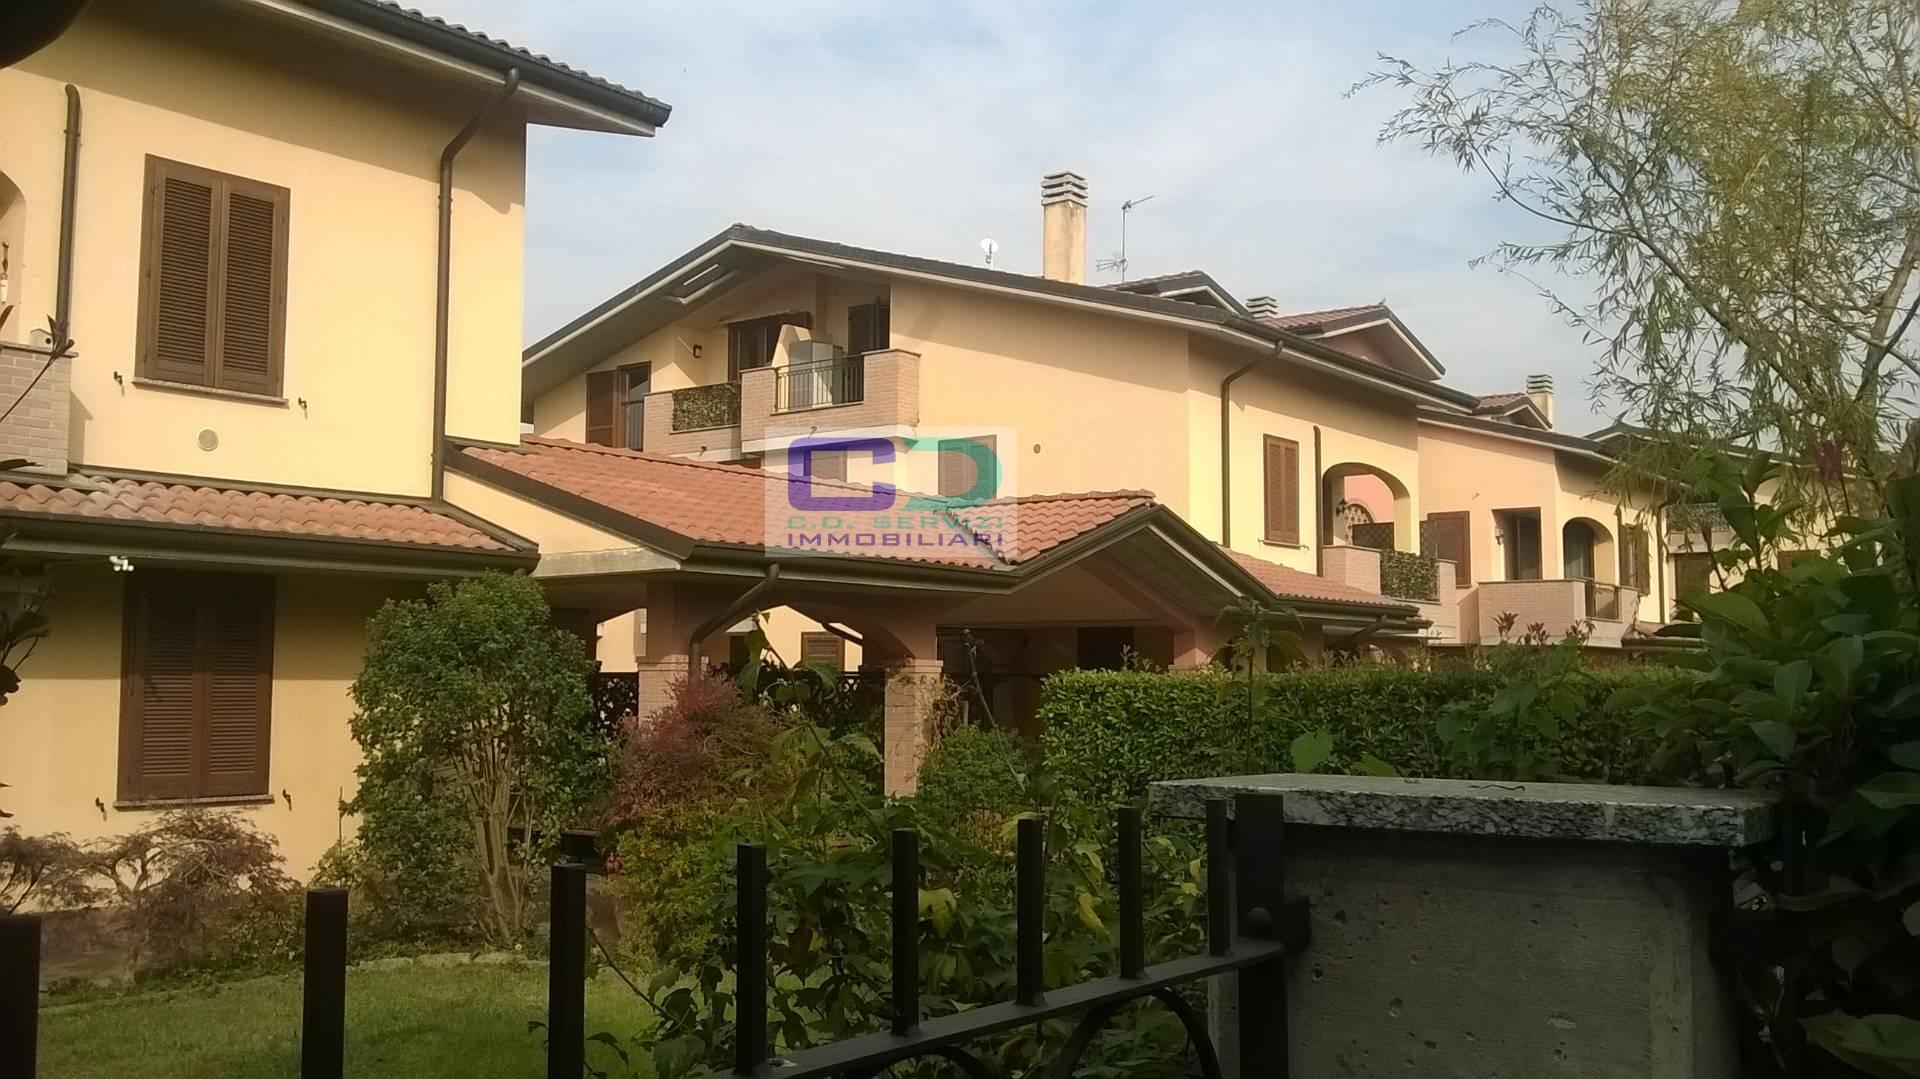 Appartamento in vendita a Truccazzano, 3 locali, zona Zona: Corneliano, prezzo € 135.000 | CambioCasa.it